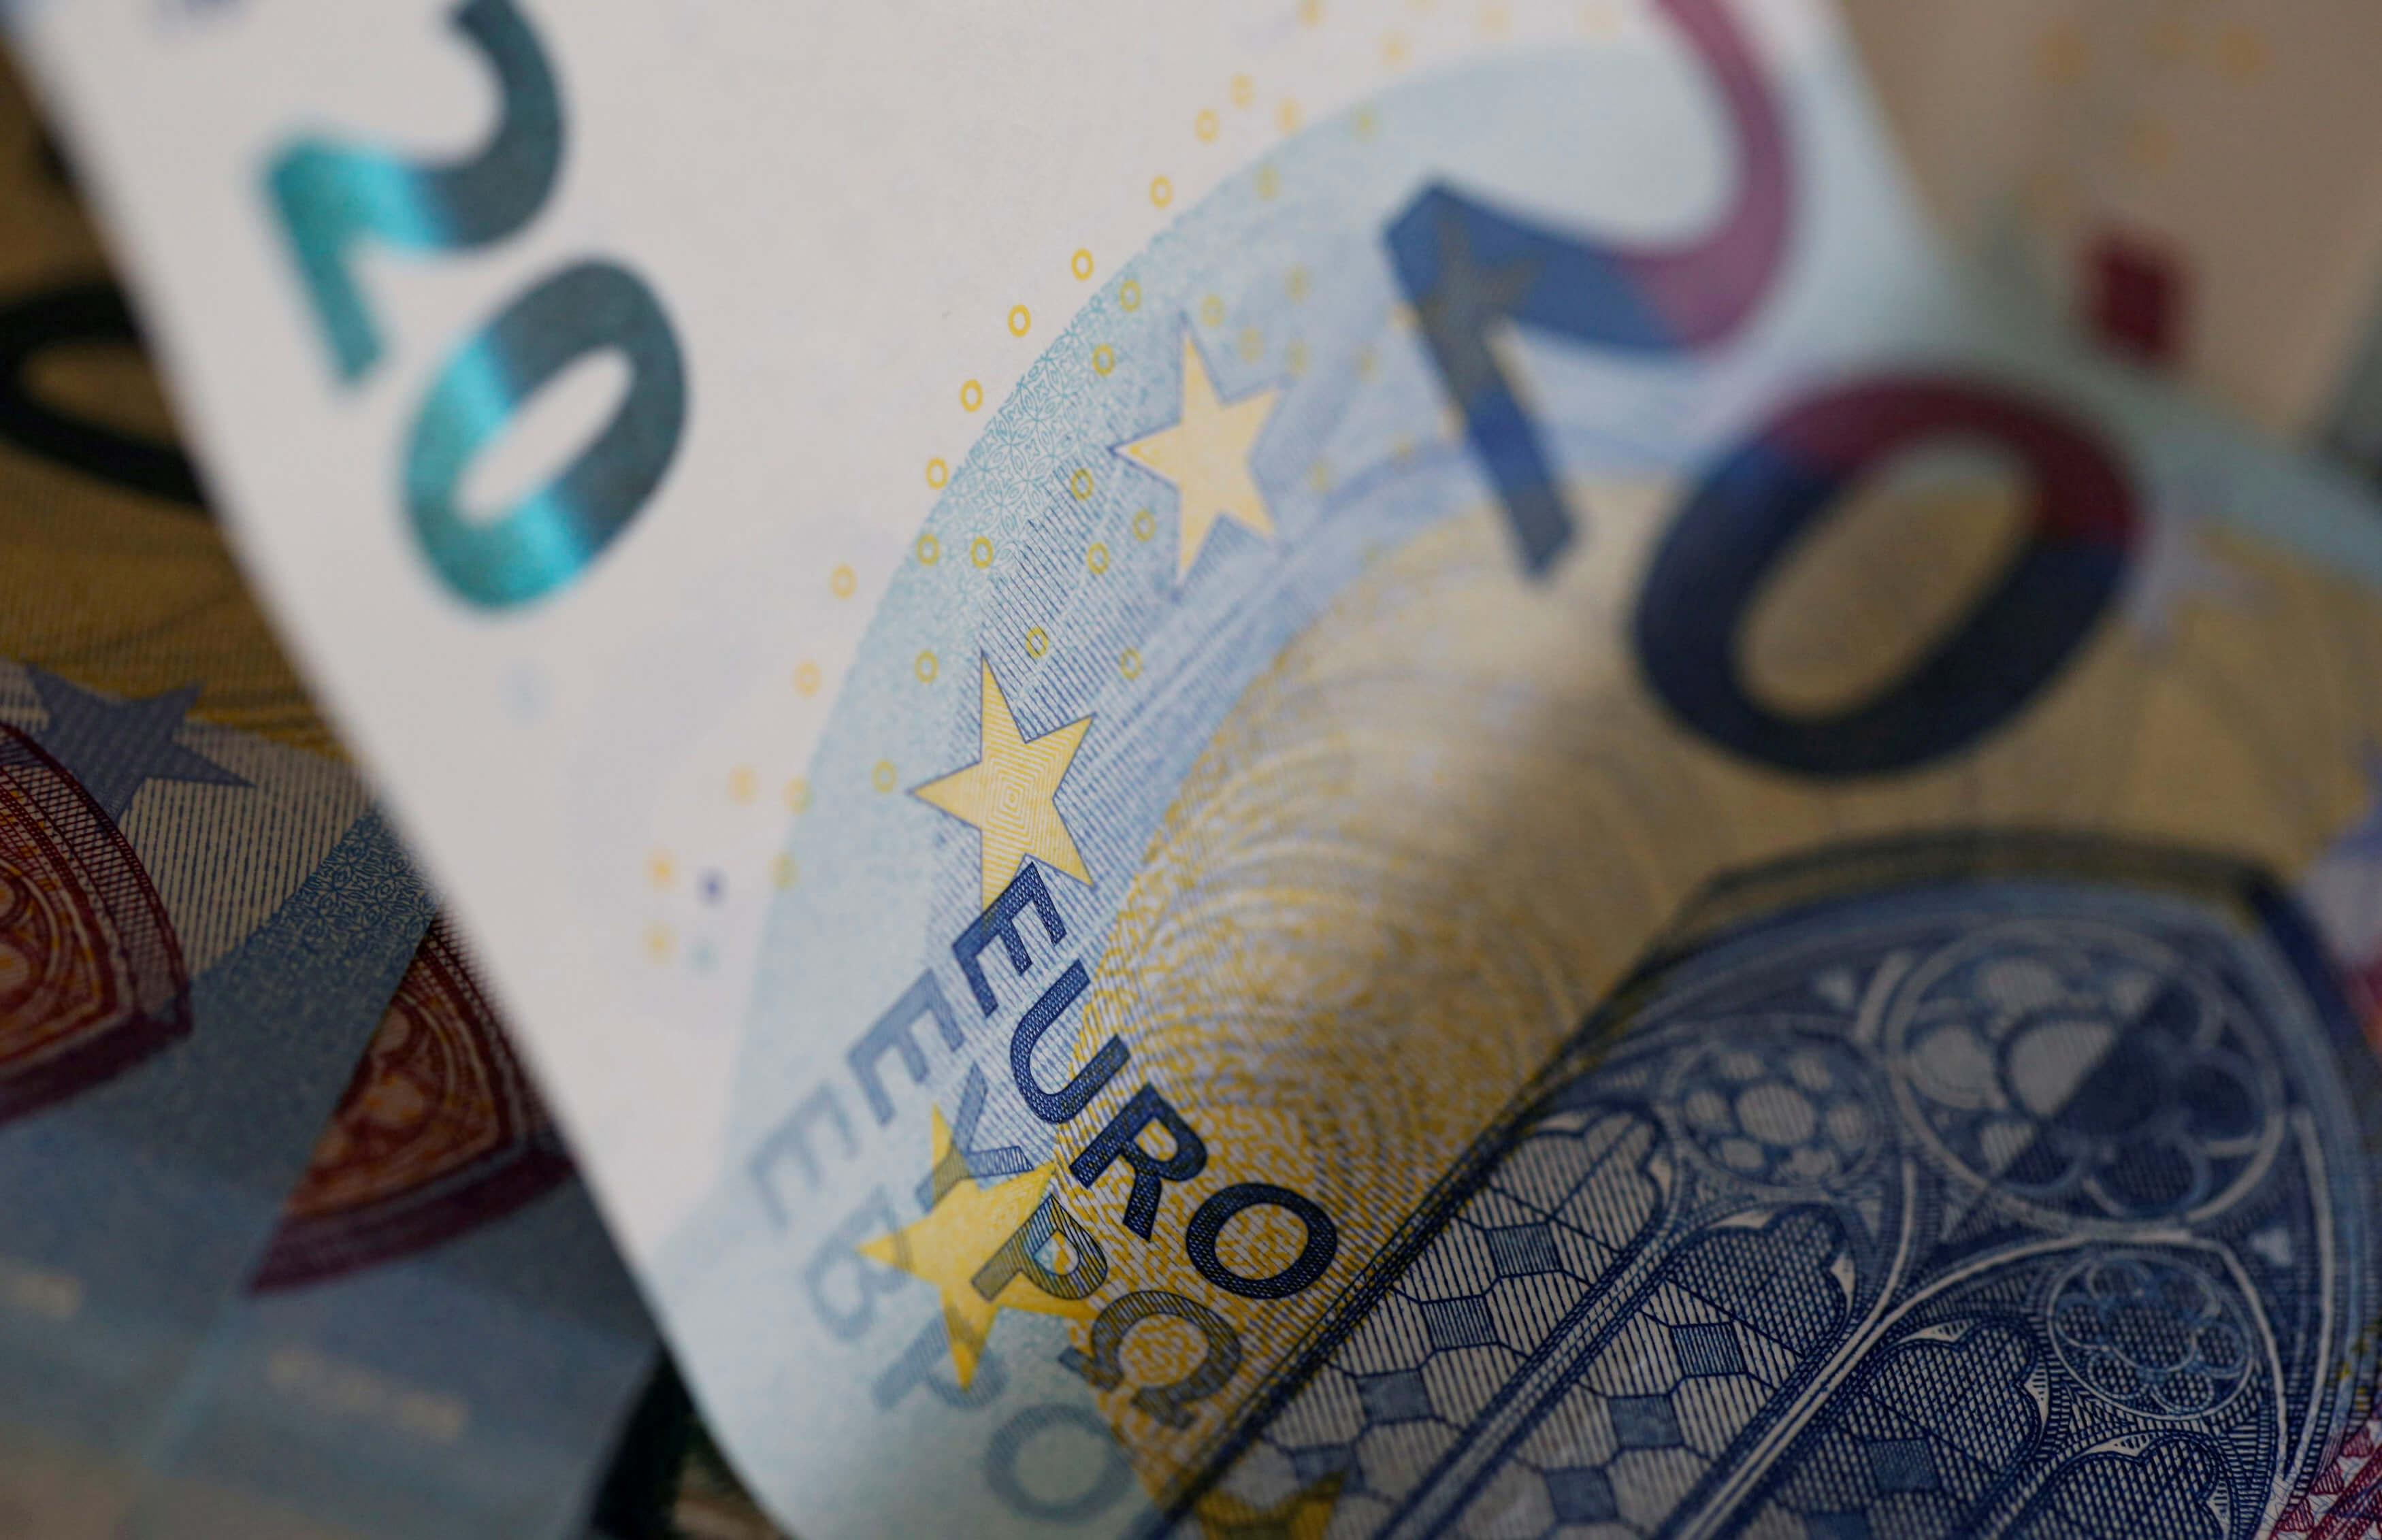 Επίδομα 800 ευρώ: Λήγει σήμερα η προθεσμία για αιτήσεις από τους επαγγελματίες